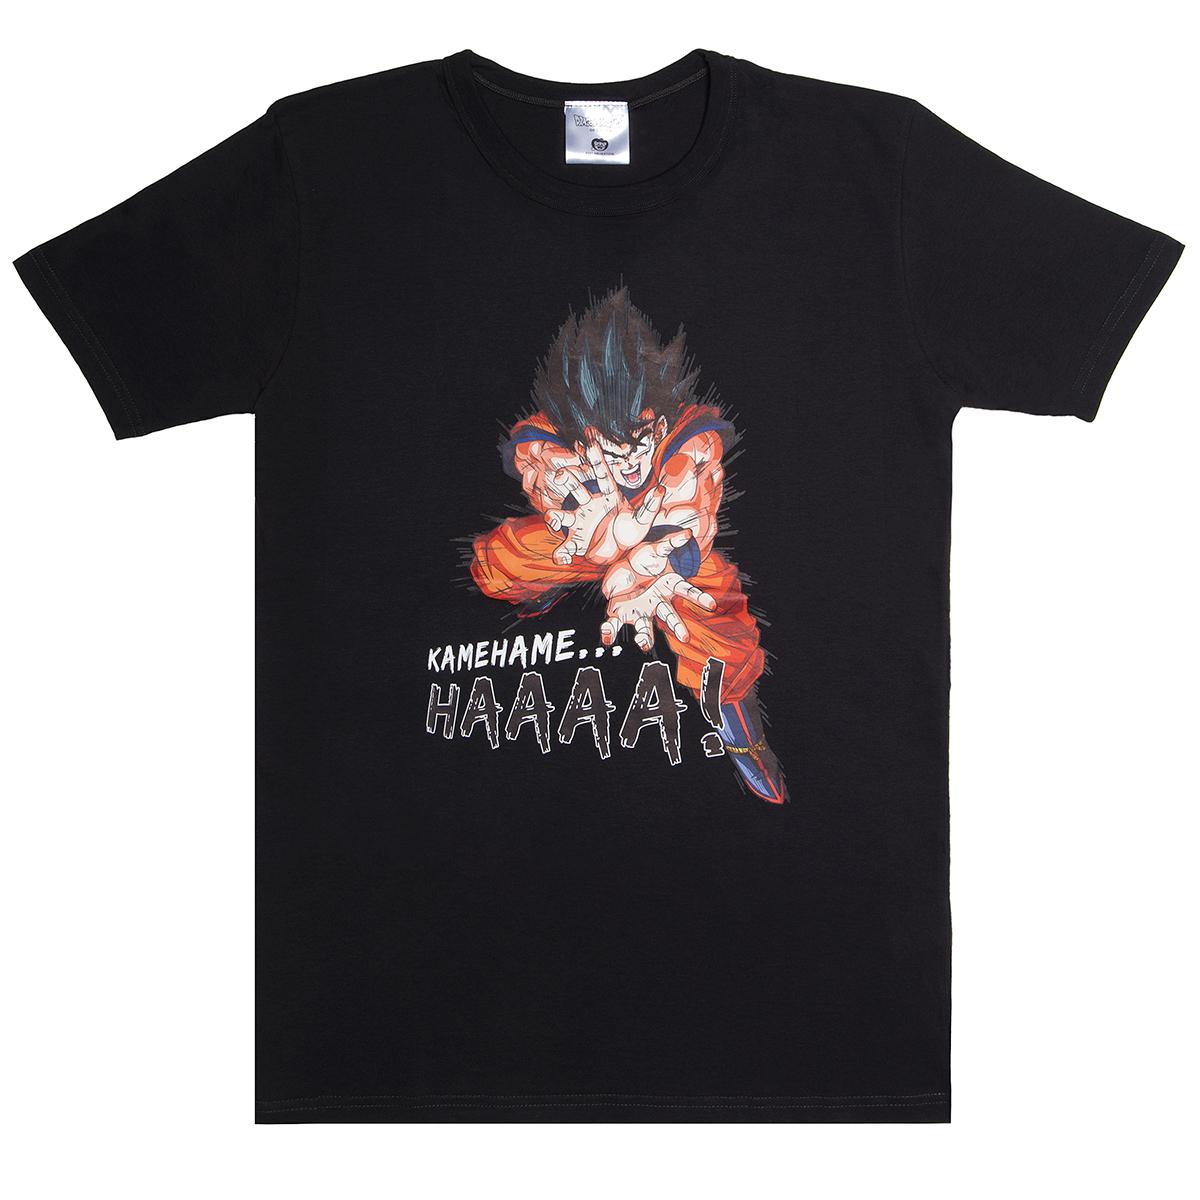 Dragon Ball Z t-shirt (medium)